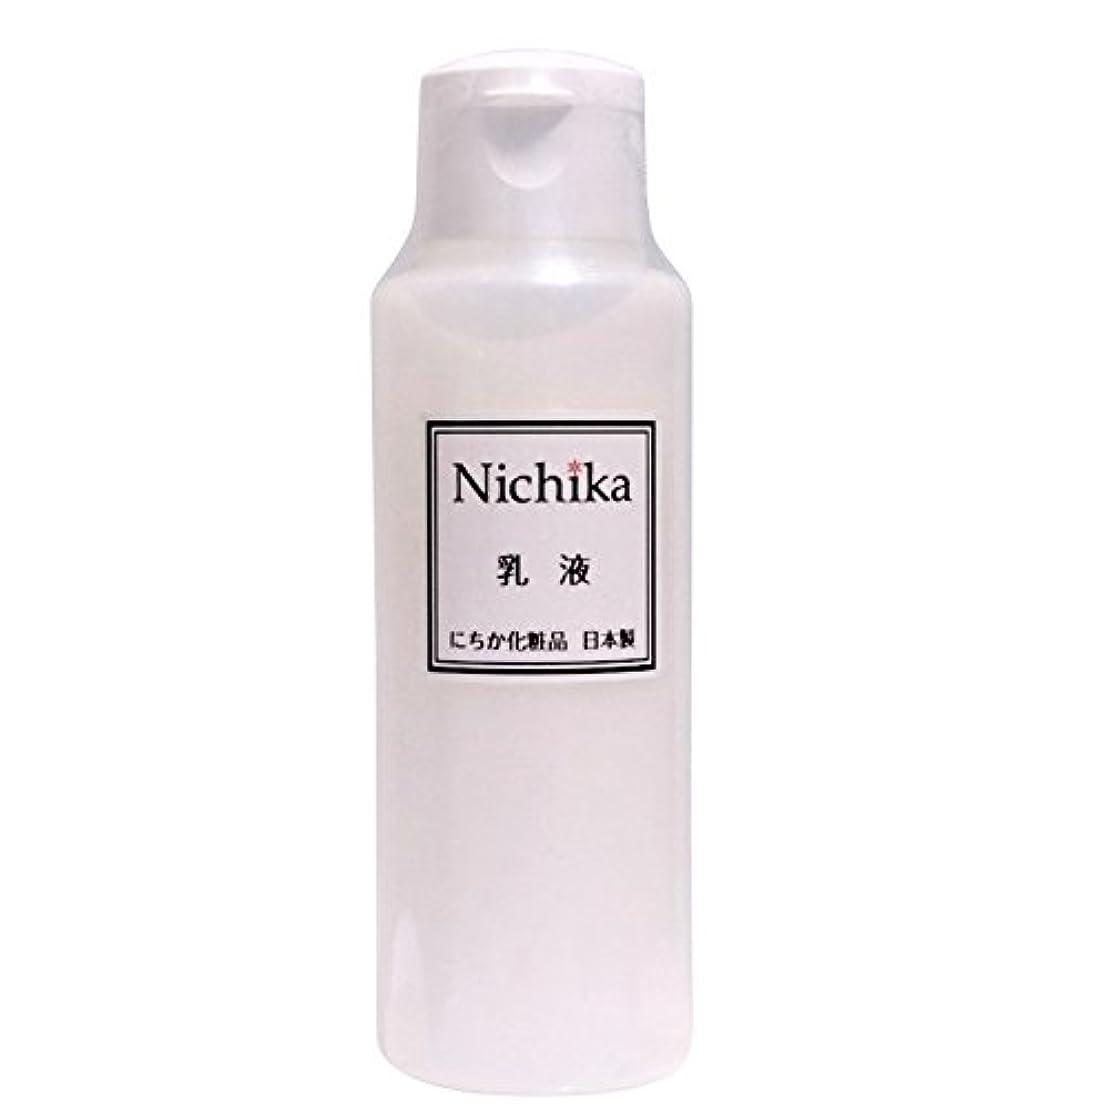 軽減アクティビティ農村にちか乳液 内容量100ml 日本製 『ワンランク上の潤いハリ肌』を『リーズナブル』に。  ヒアルロン酸の1.3倍の保水力があるプロテオグリカン配合。 素早く水分と油分の膜を作り、うるおい成分を肌に届け 水分と油分のバランスが良い「健康肌」をつくります。にちか化粧品は肌バリアに注目した化粧品です。肌バリアは深い位置の肌を紫外線や刺激から守り肌の奥から潤い肌を育てます。 さっぱりとした使用感で、肌馴染みが良い使用感は今よりワンランク上の肌を目指す方におススメです。